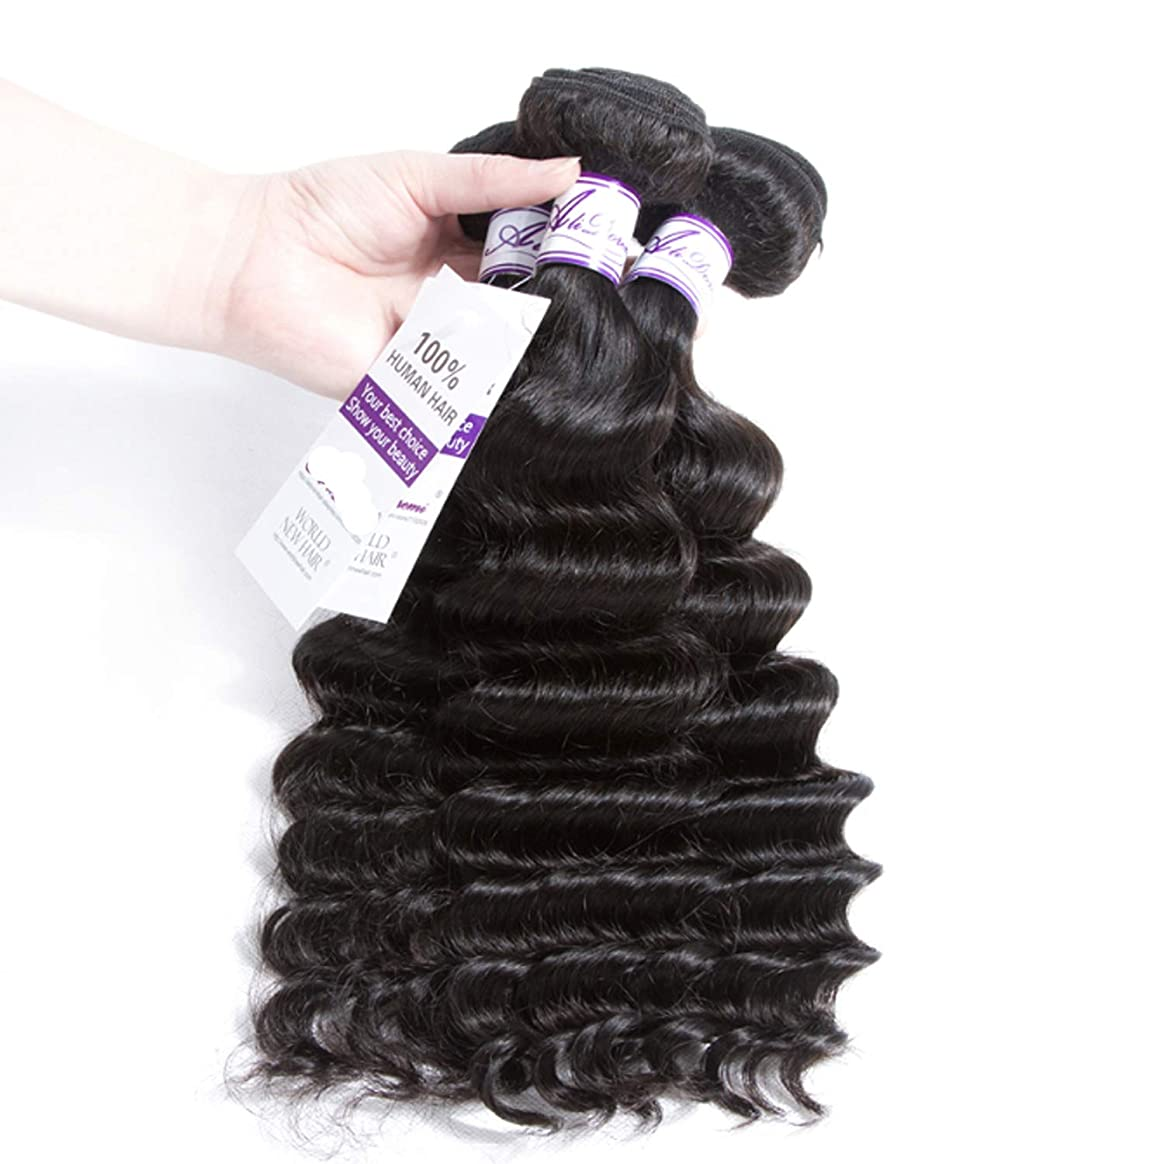 温度計落胆した男やもめブラジルルースディープウェーブ3バンドルお得な非Remy人間の髪織りエクステンションナチュラルブラックヘアエクステンション3ピース かつら (Length : 16 18 18)